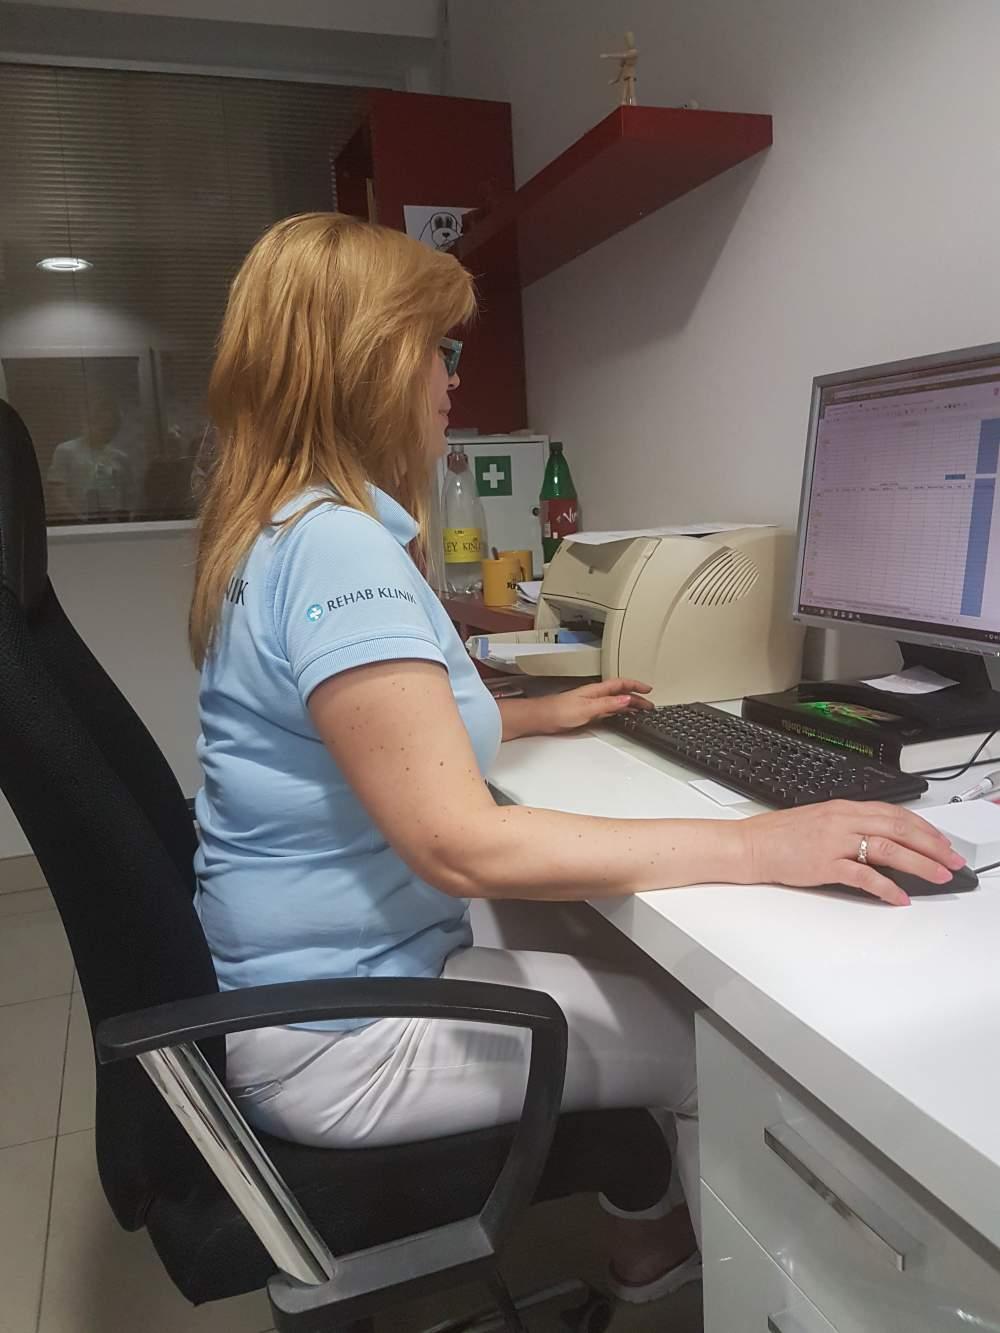 Sedenie pri počítaši